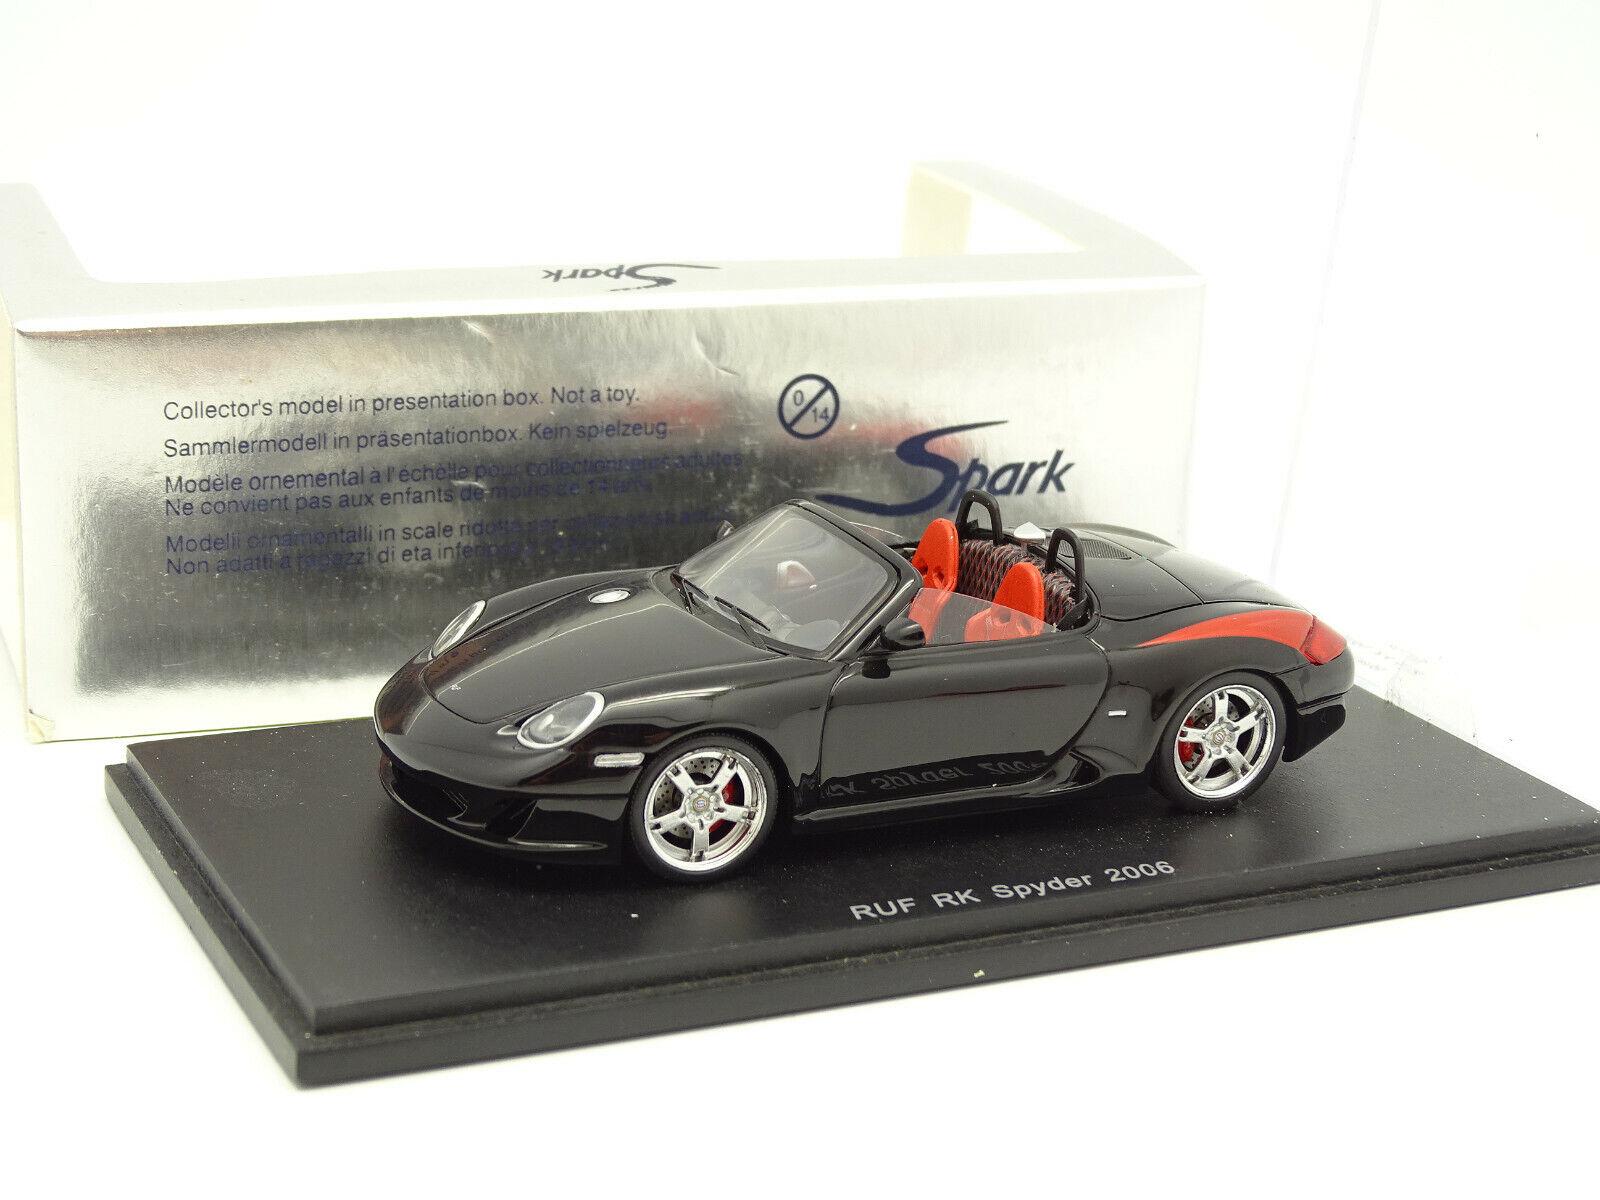 Spark 1 43 - Porsche RUF RK Spyder 2006 Noire